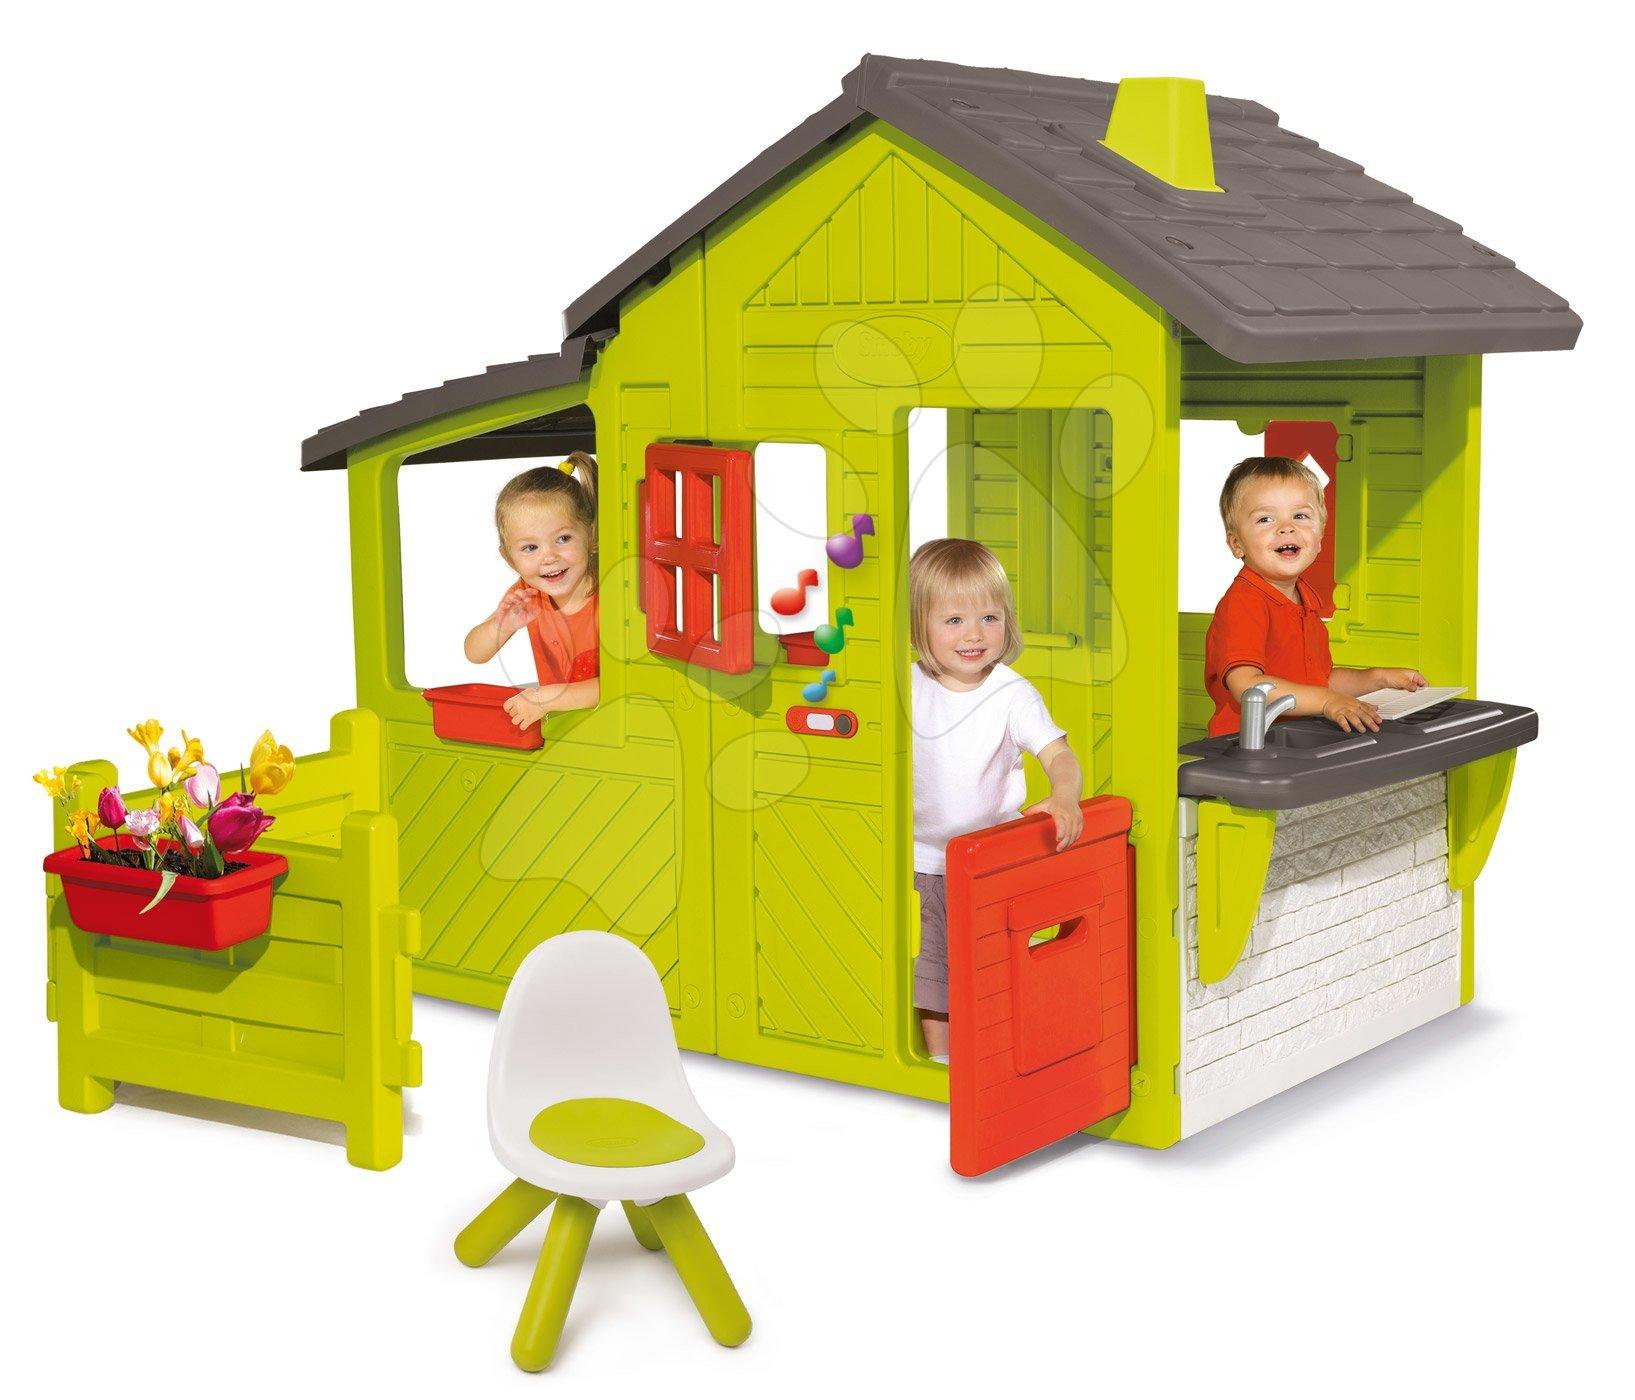 Domček Záhradník Neo Floralie Smoby so zvončekom komínom a záhradka so stoličkou